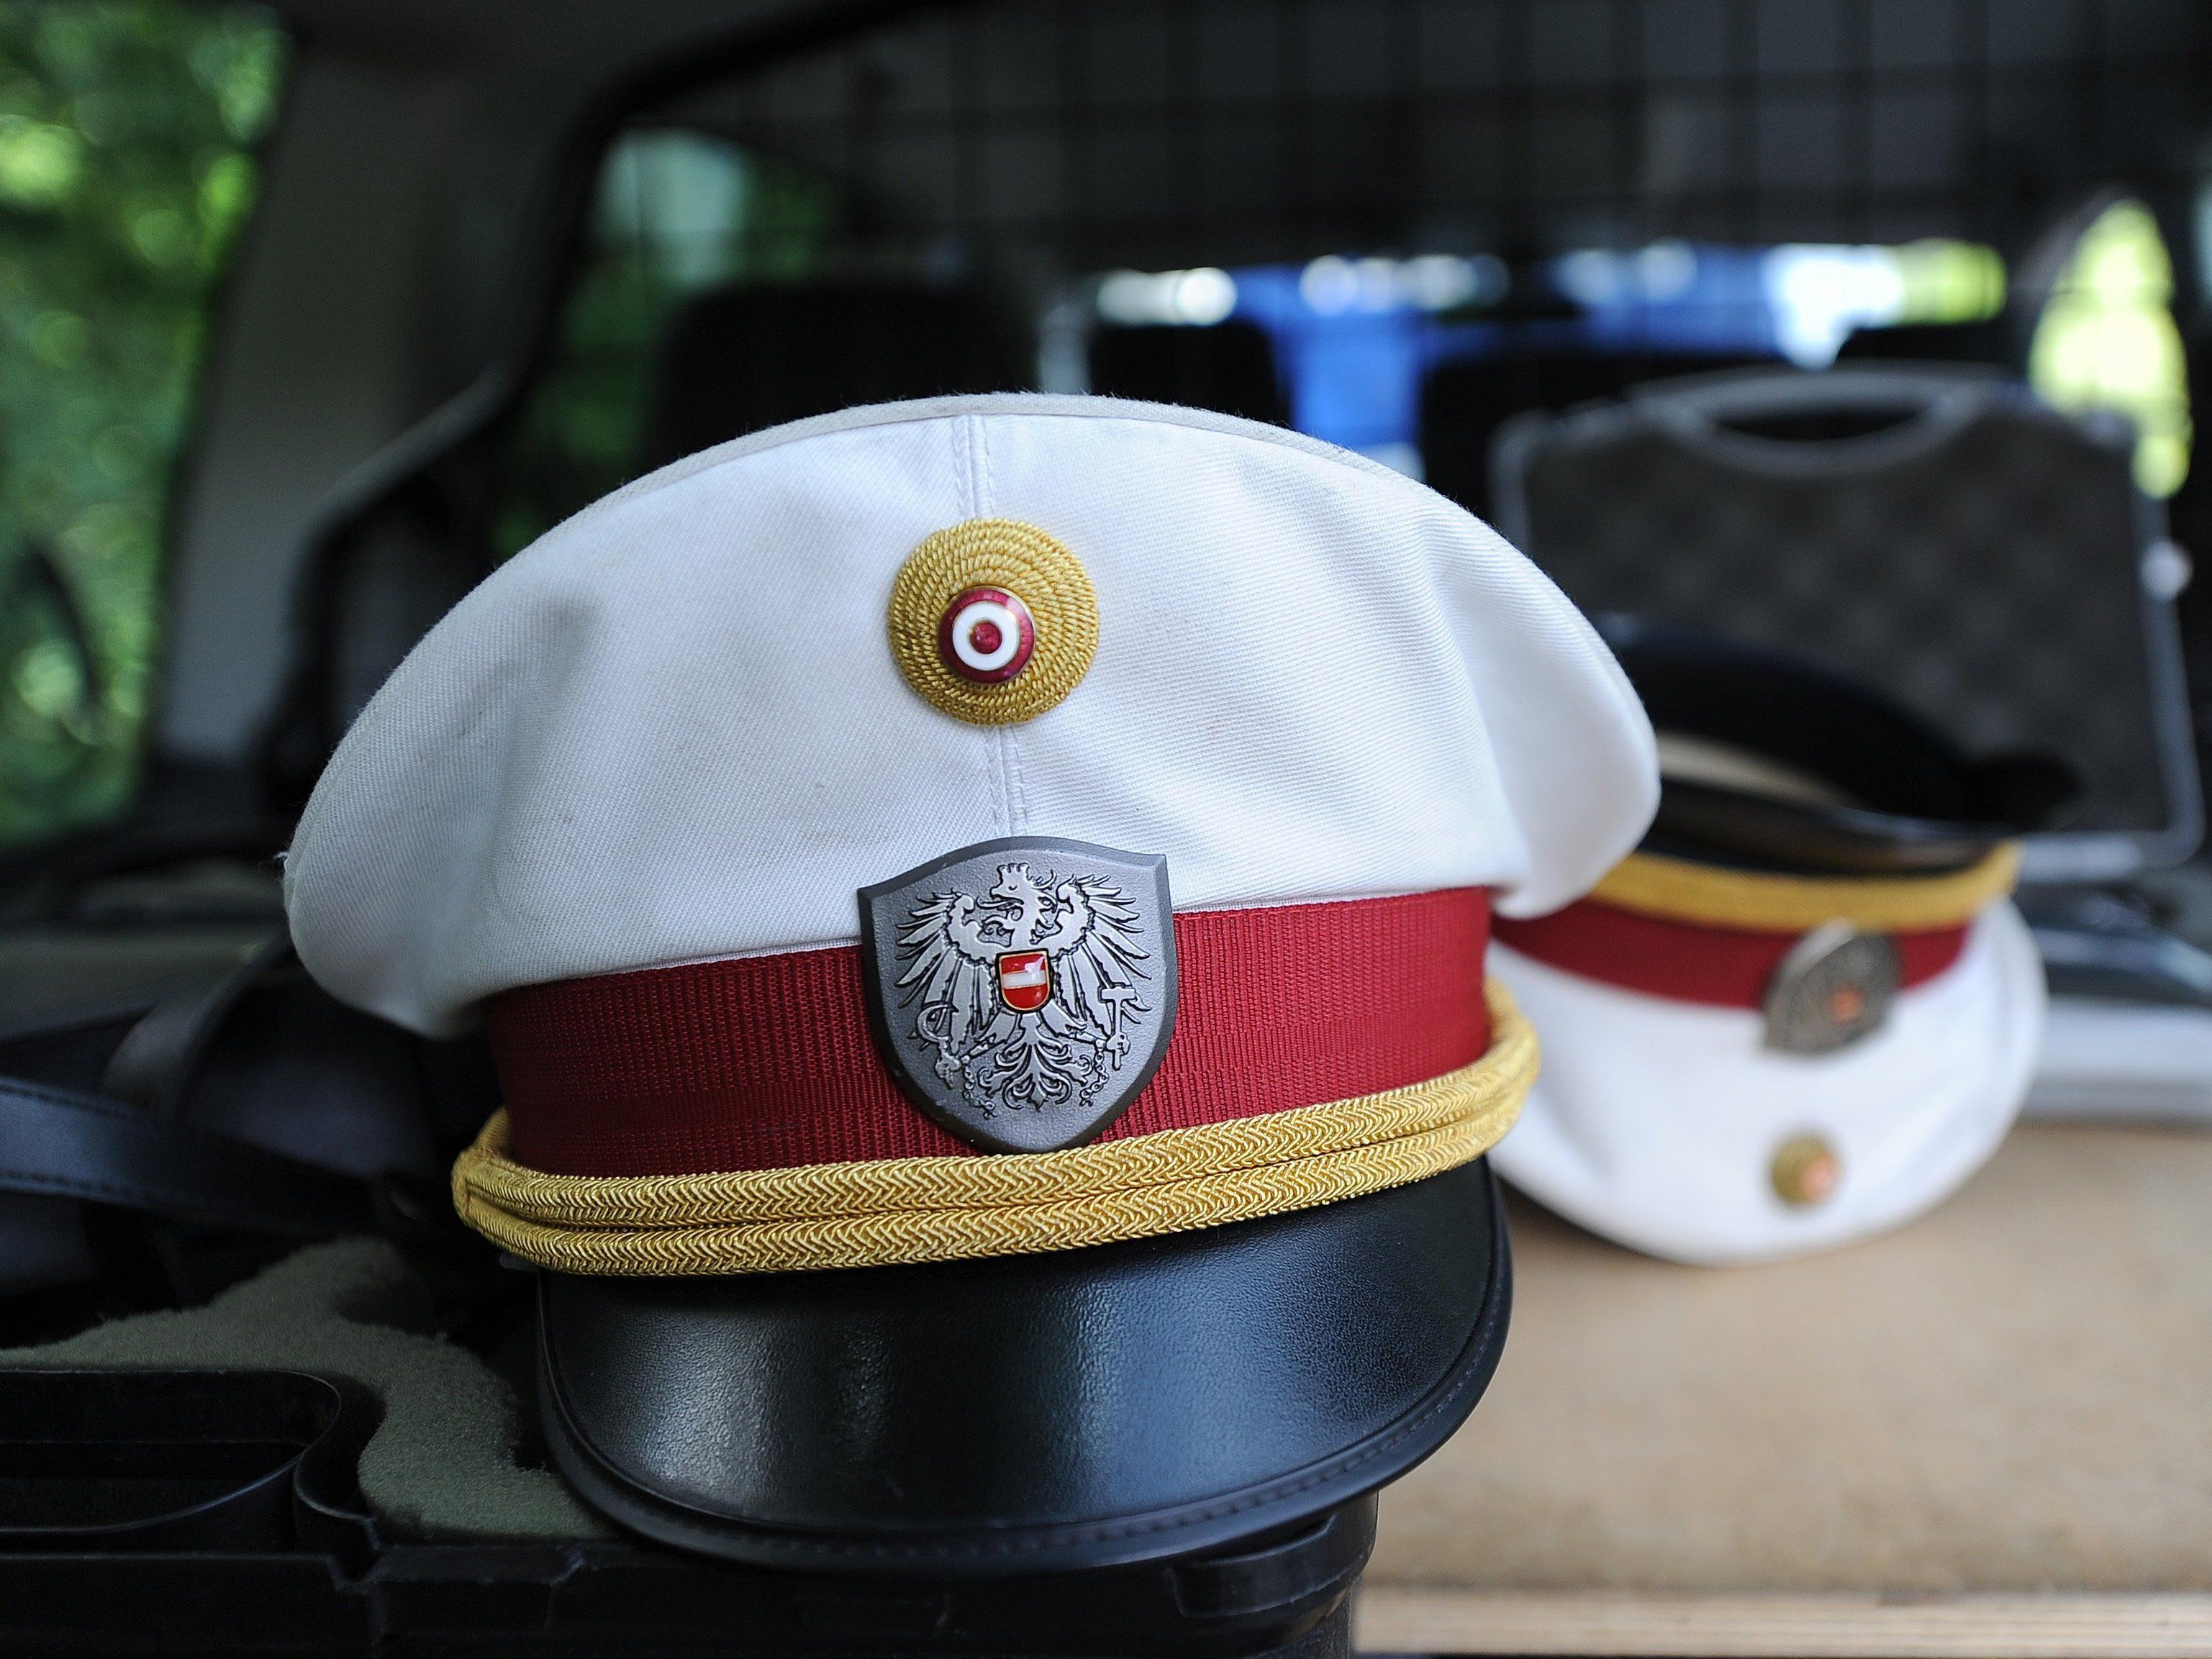 Leiche mit zahlreichen Stichverletzungen in Tirol gefunden.